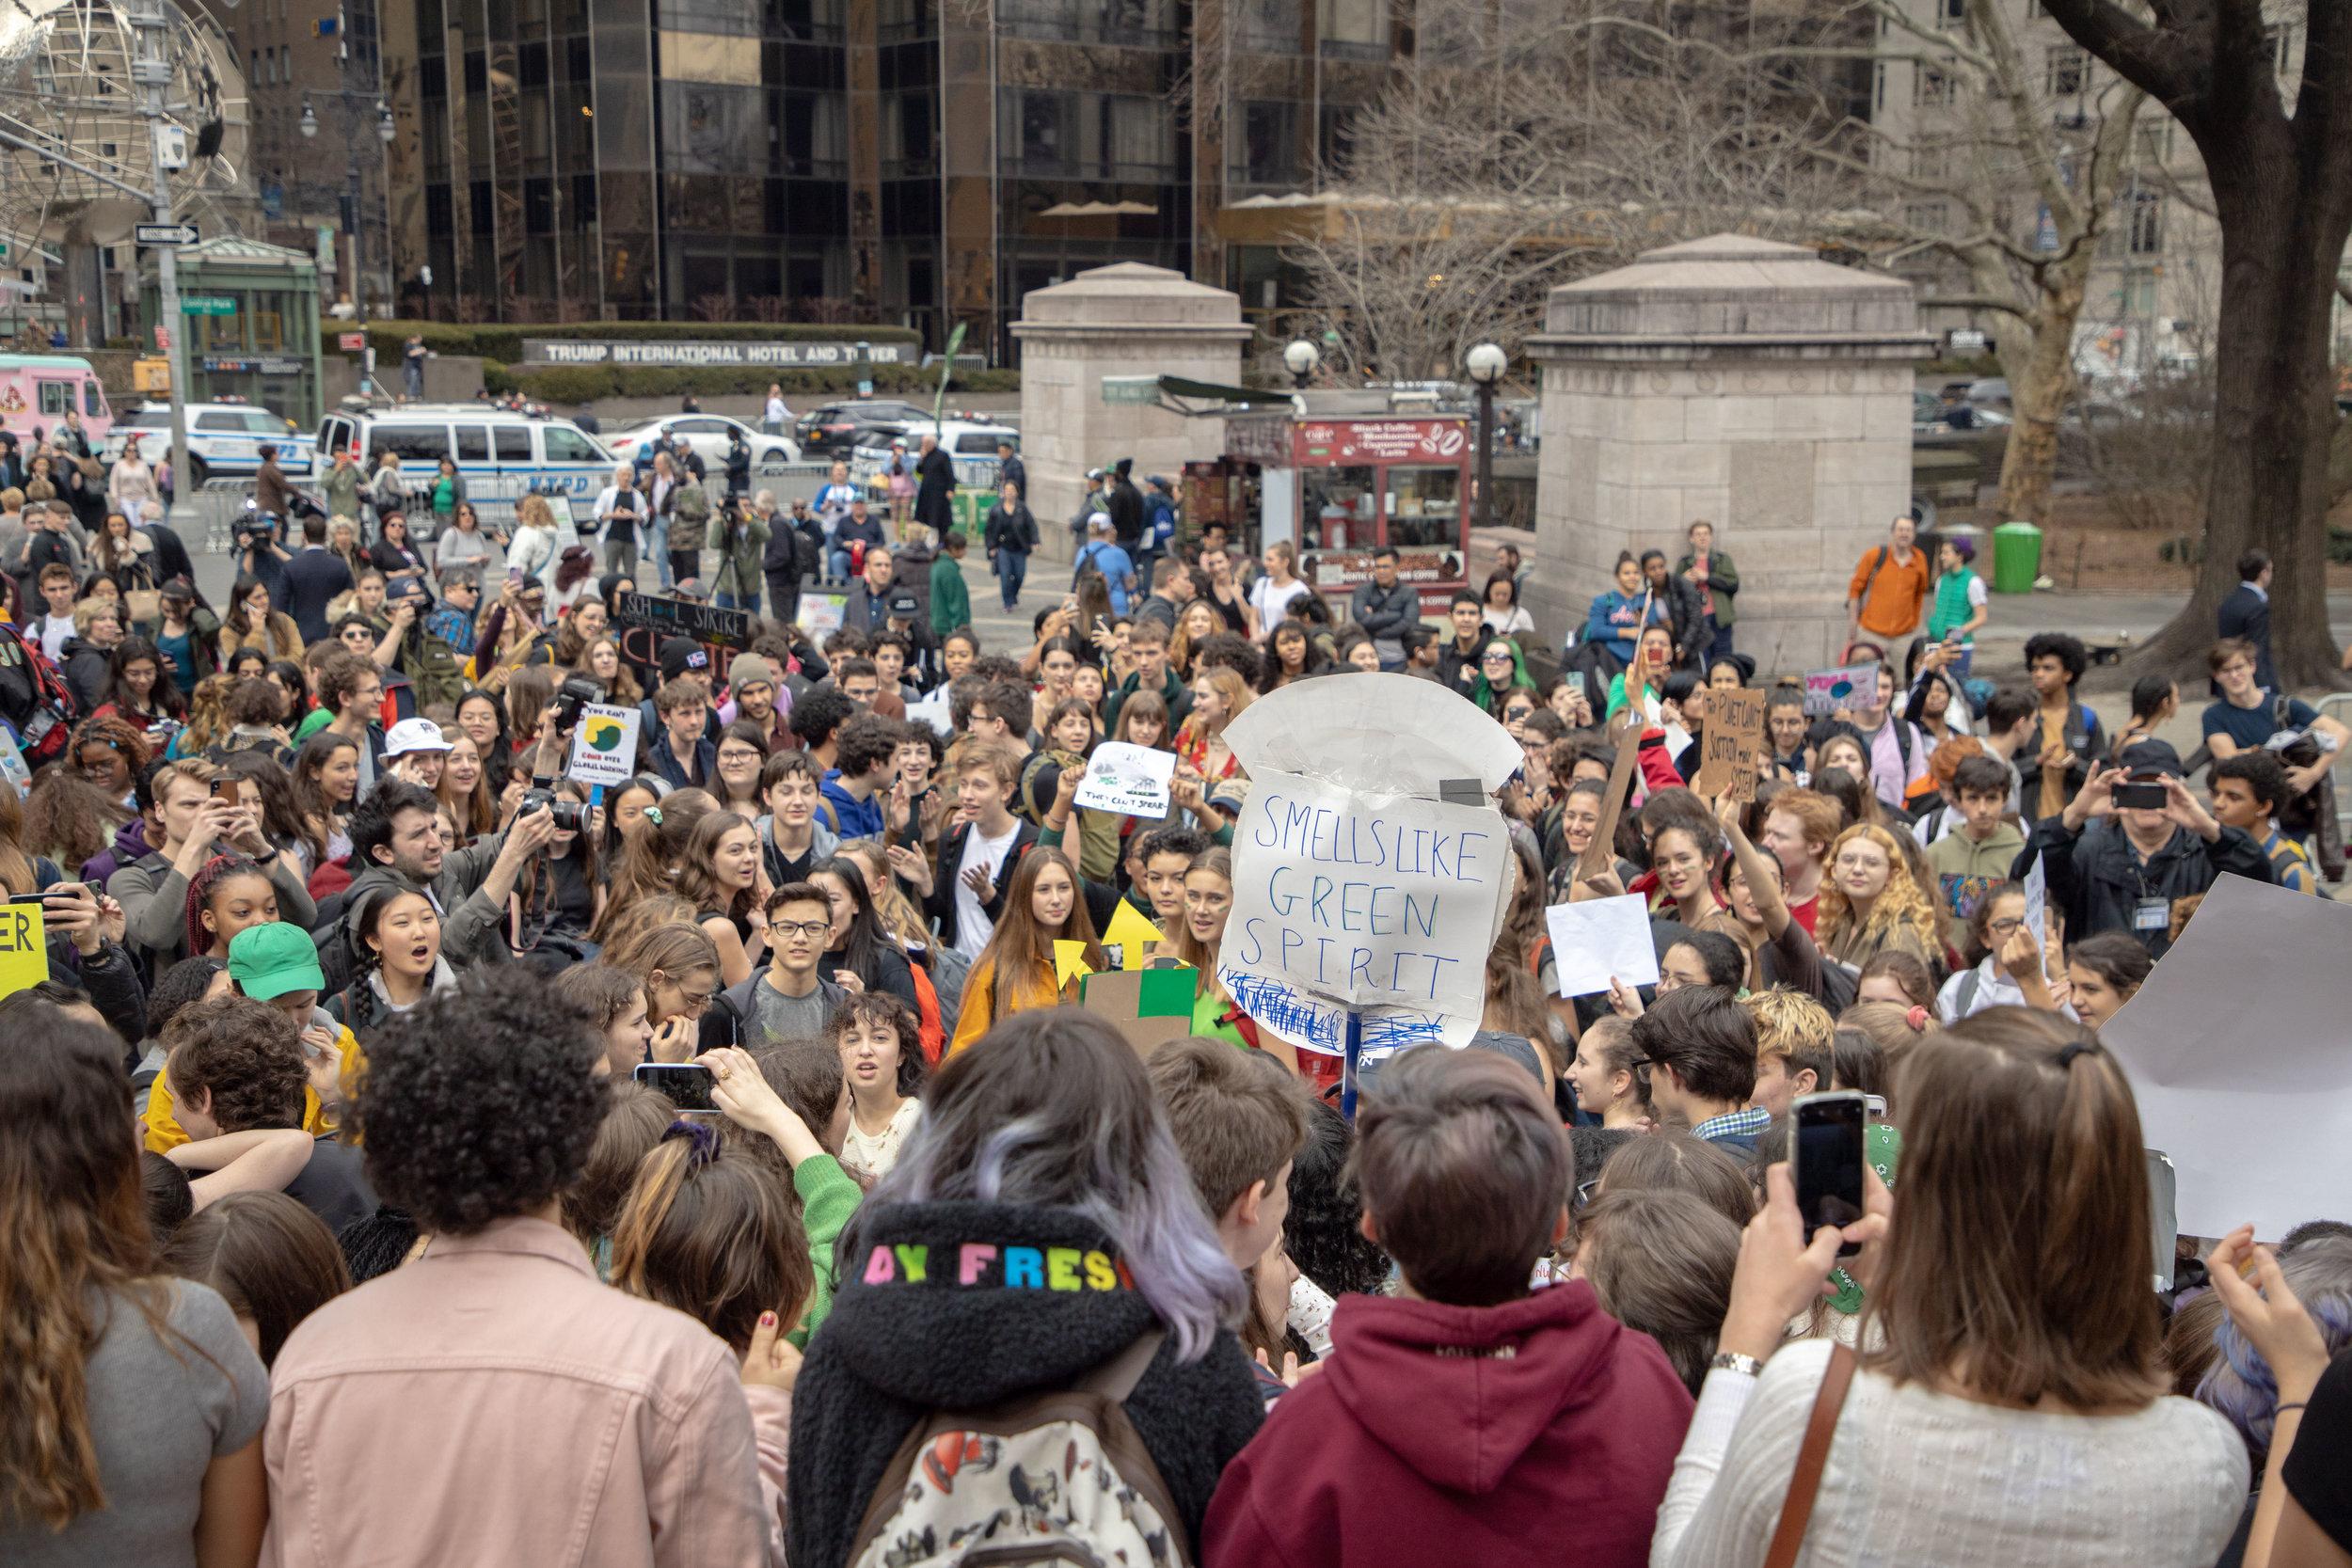 3.15.19_YouthClimateStrike_NYC_ColumbusCircle-15.jpg